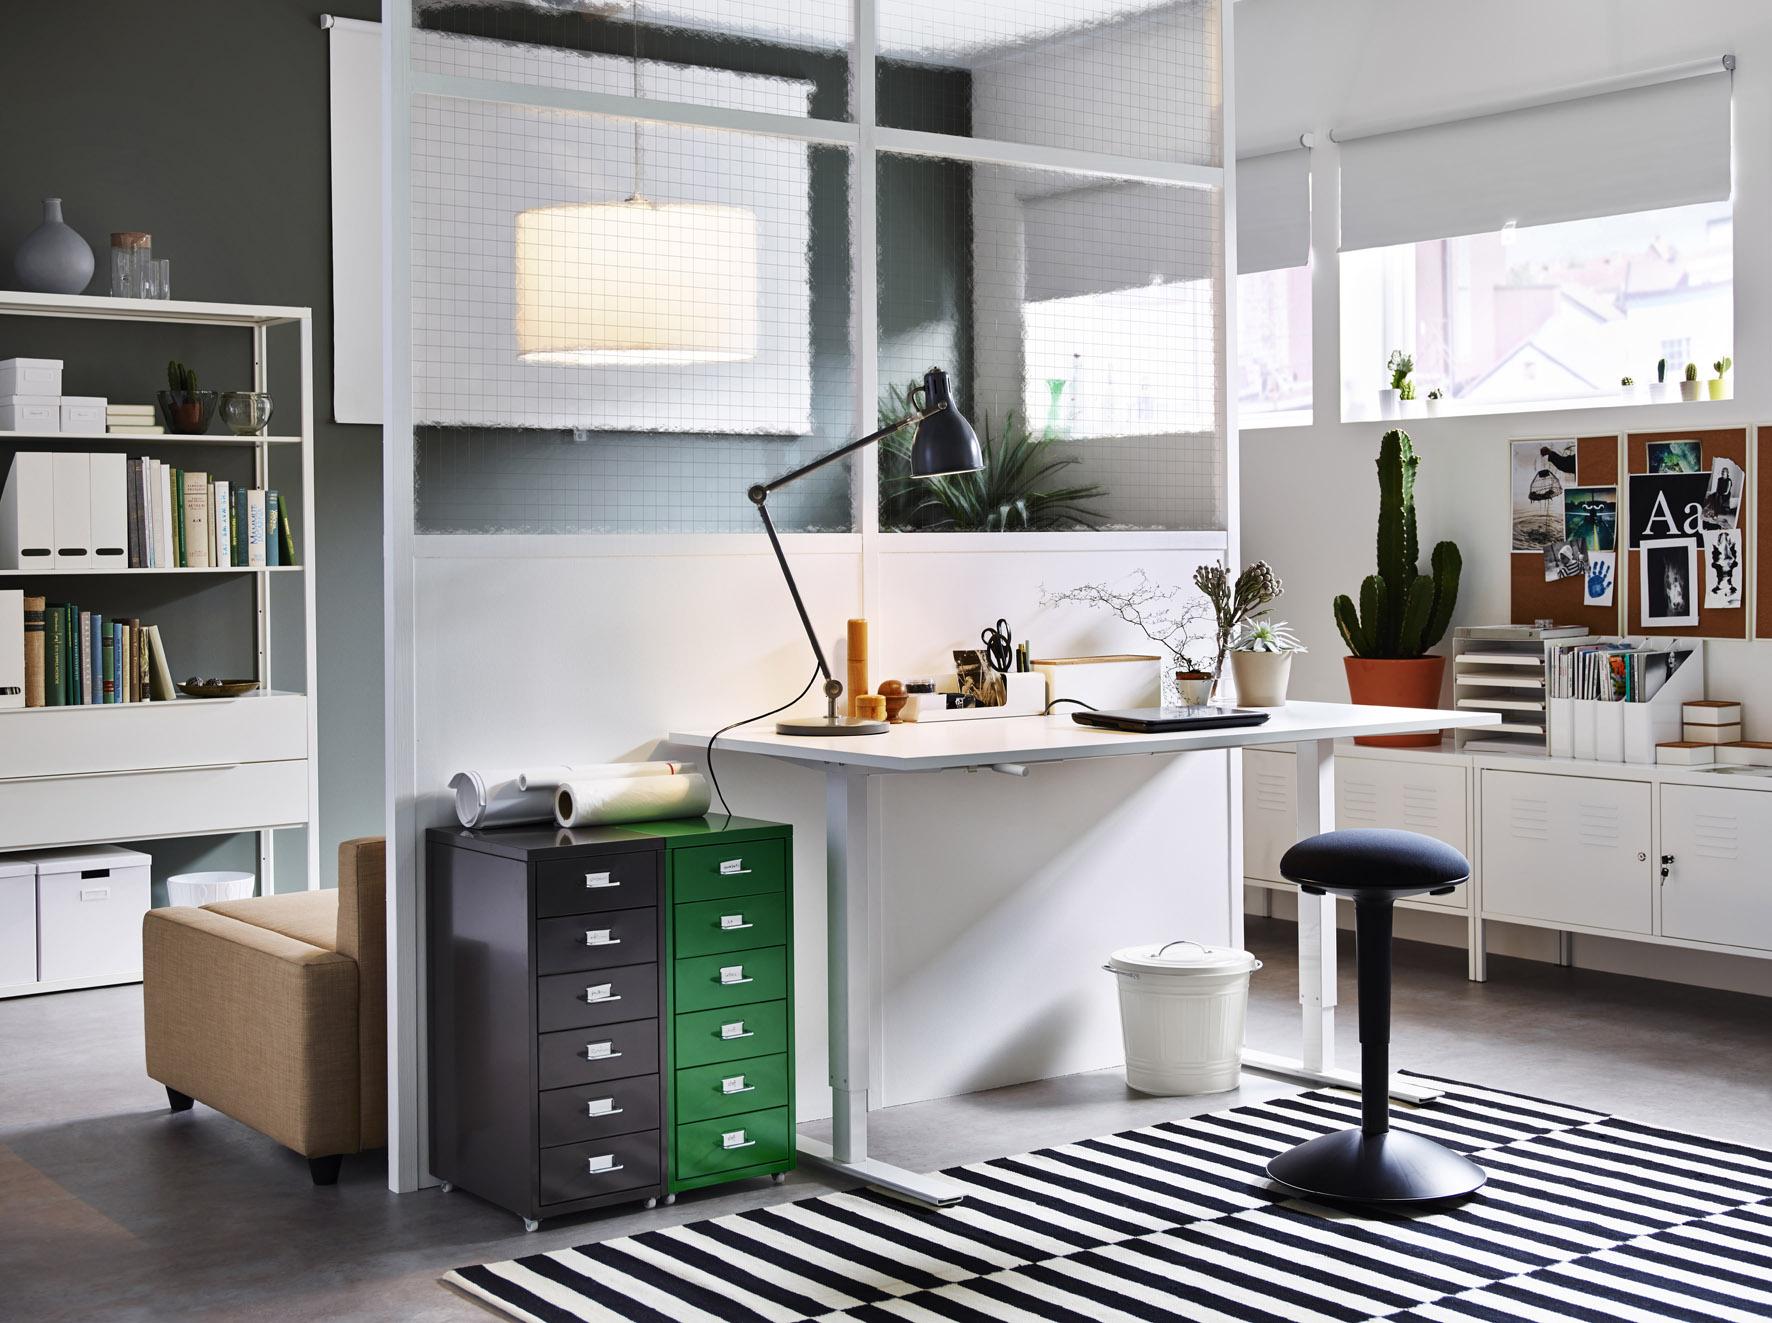 Ikea interieur ideeen kuukautiset